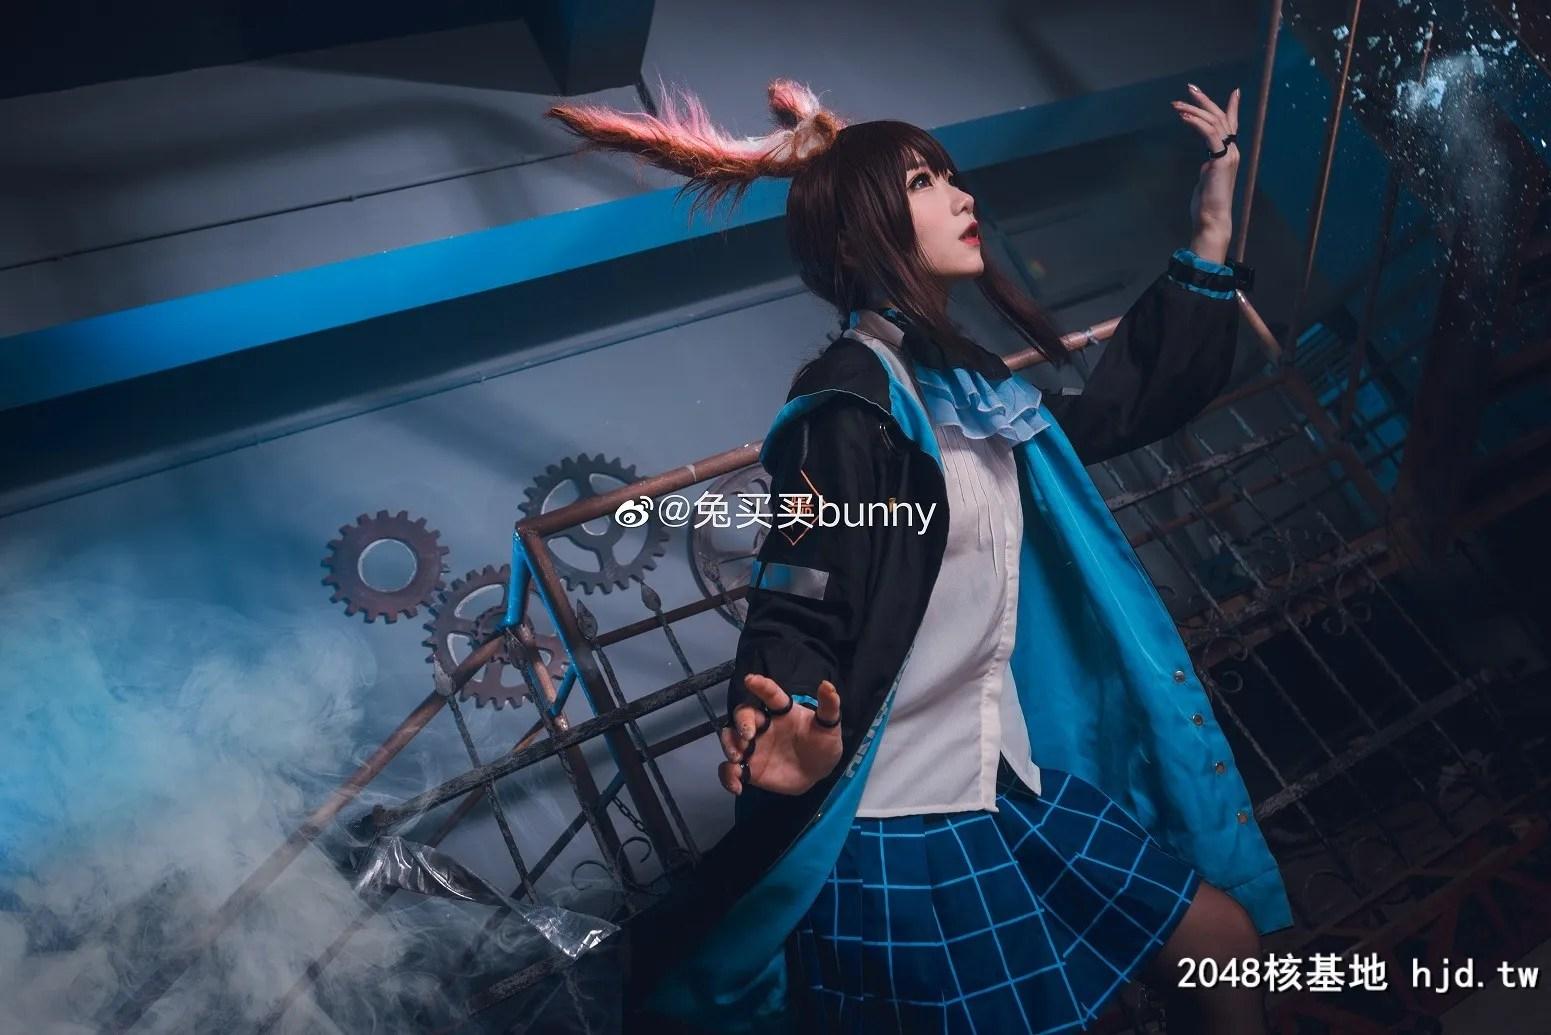 明日方舟阿米娅@兔买买bunny (9P)插图(4)